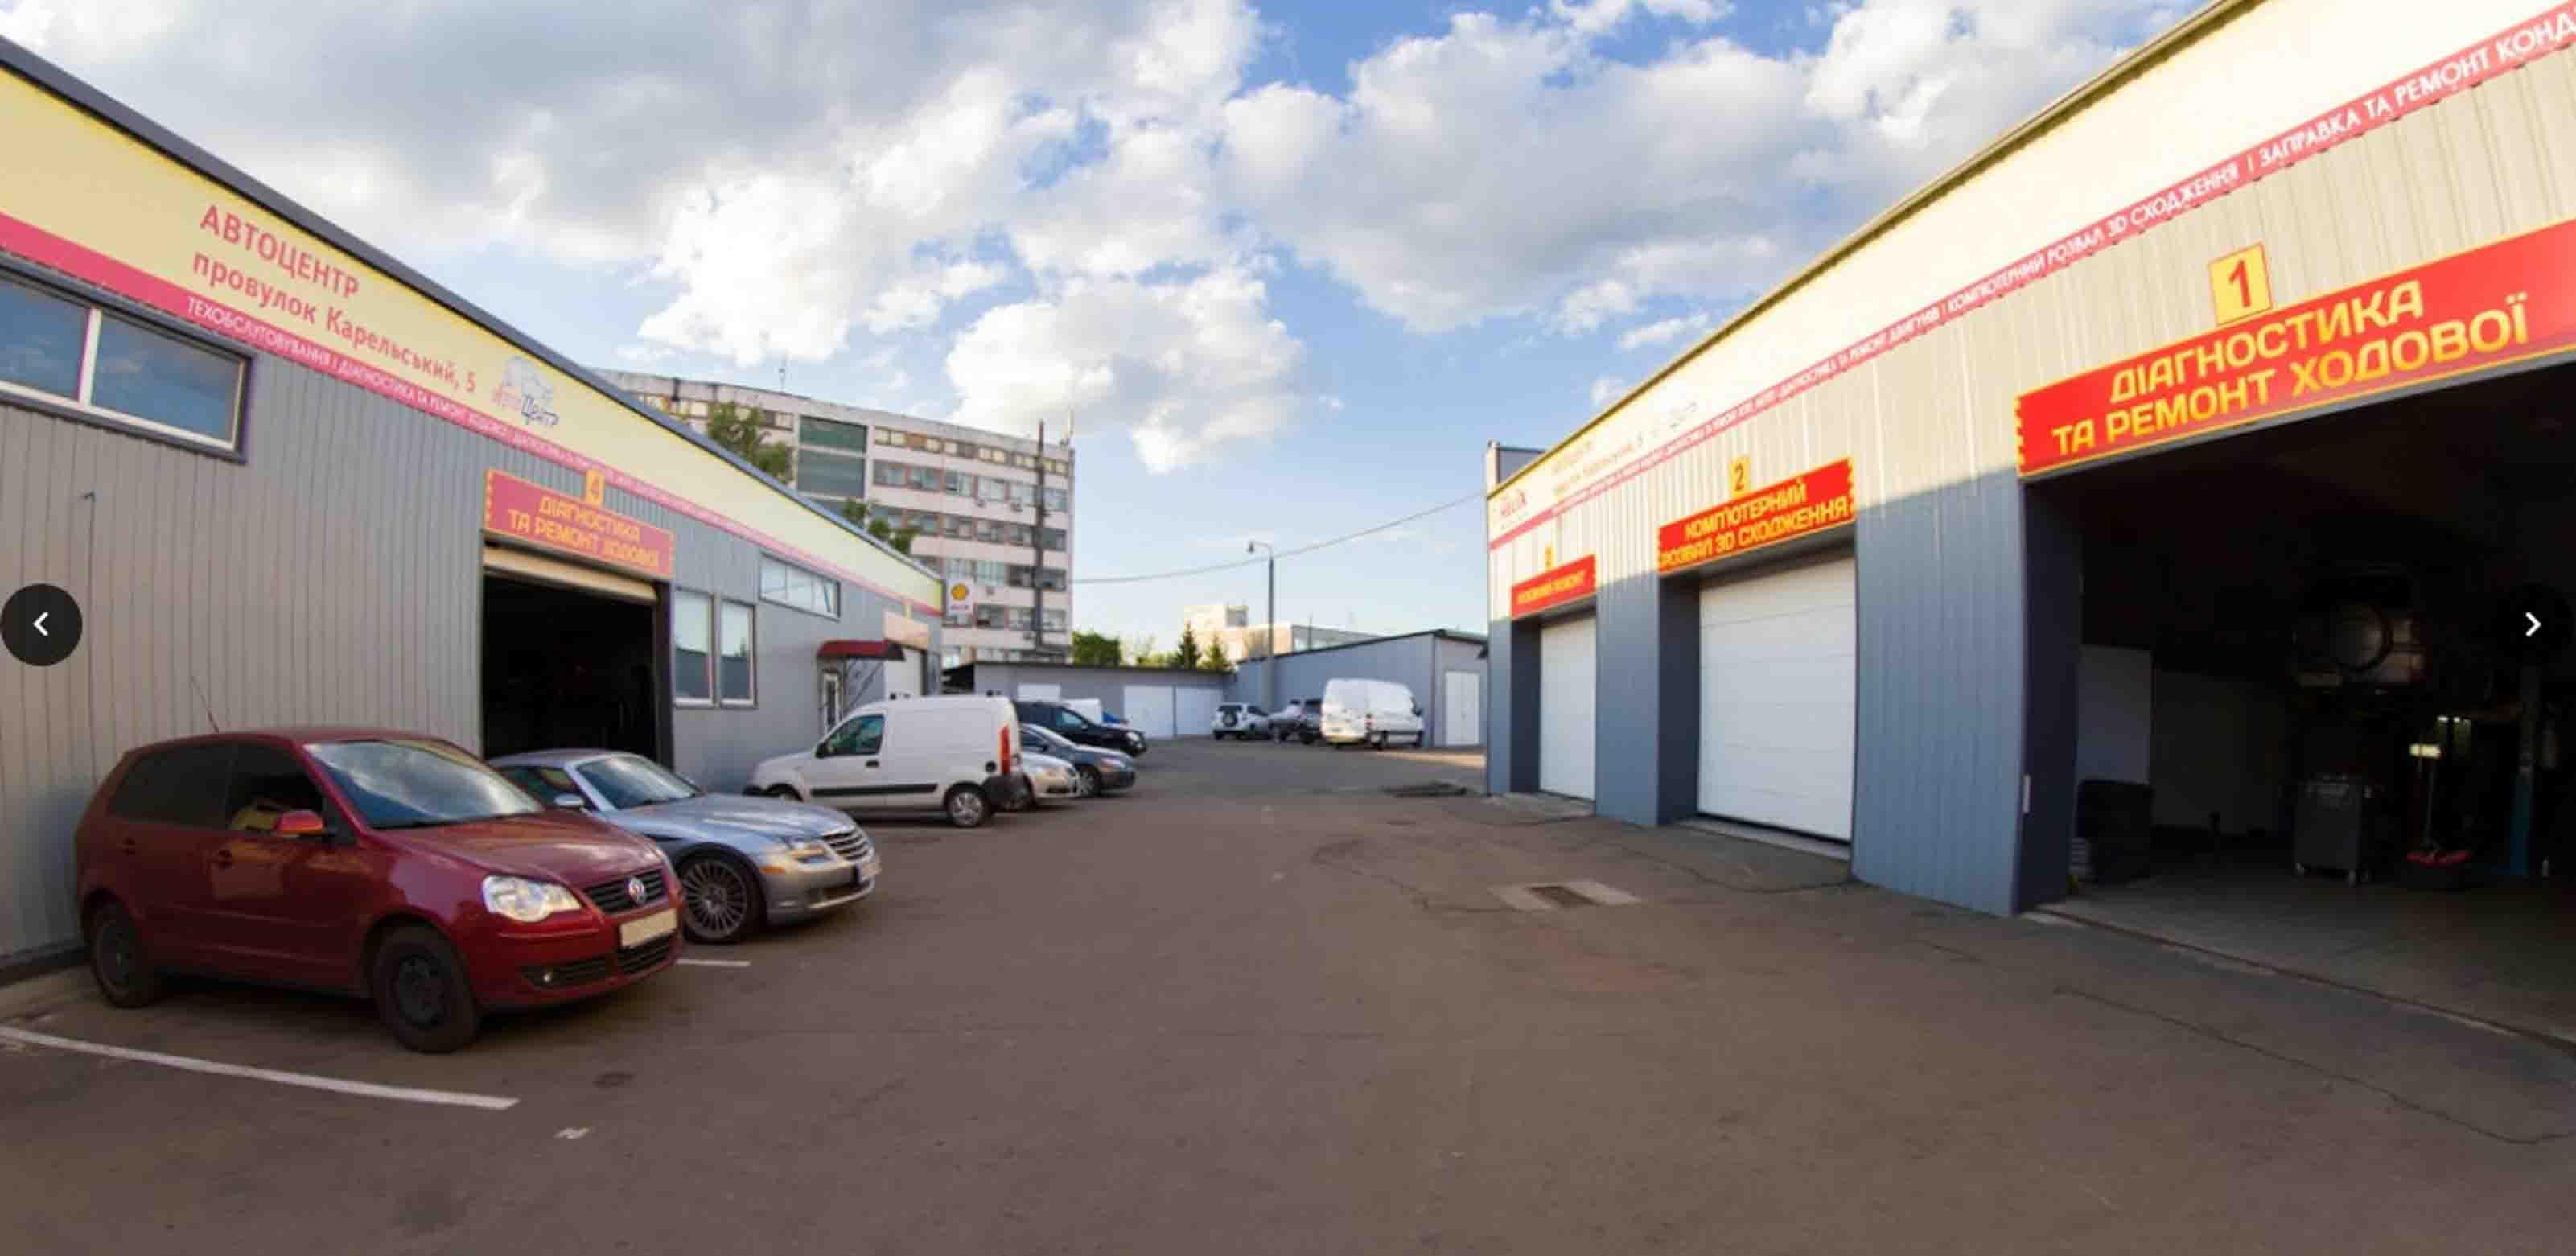 СТО «Автоцентр» - комплексное обслуживание и ремонт автомобилей фото 2